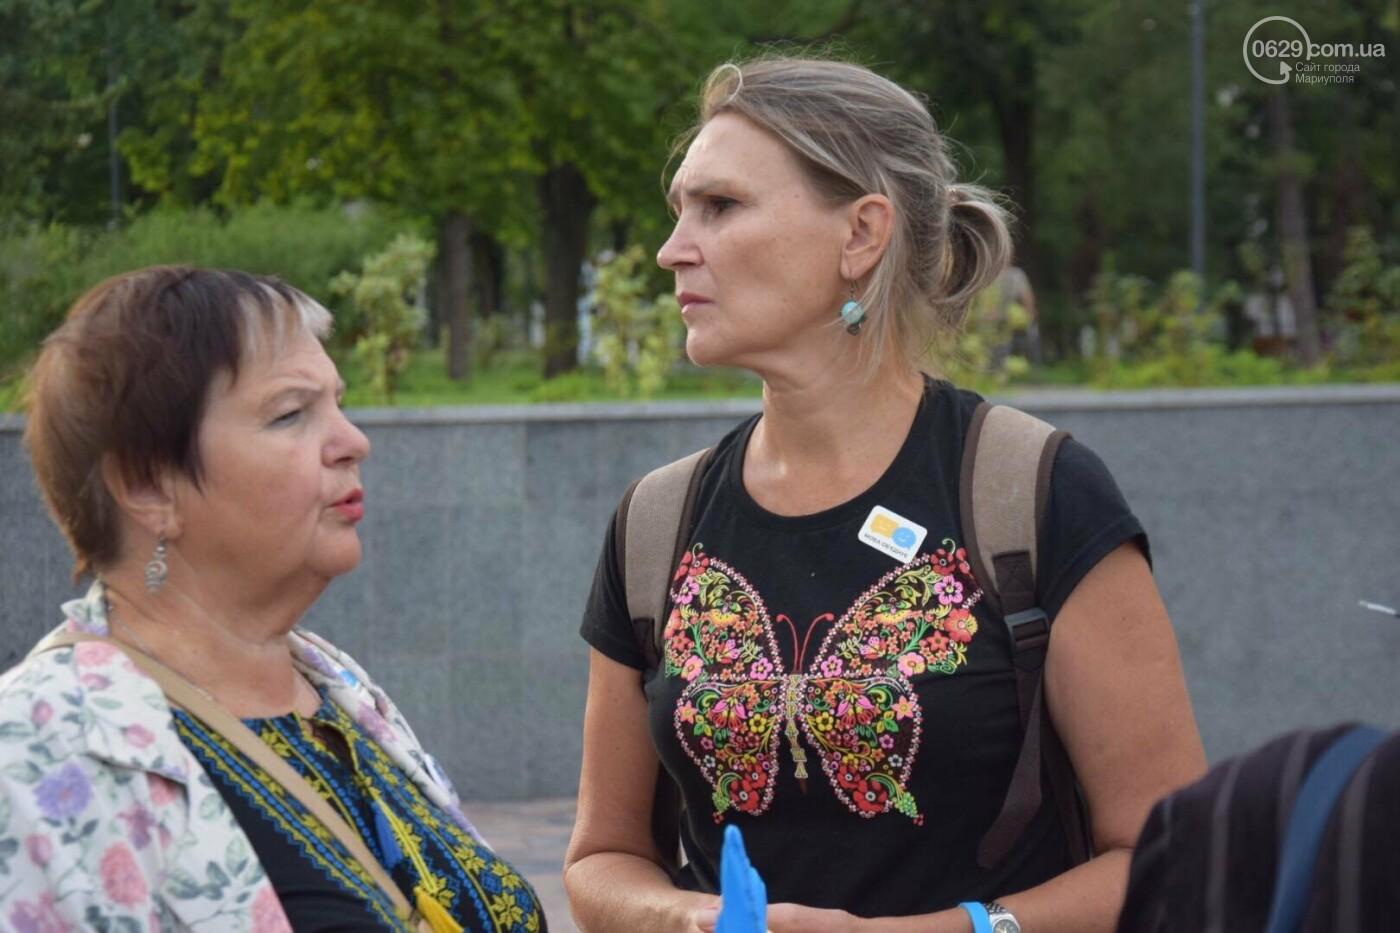 В Мариуполе радостно встретили Закон об украинском языке, - ФОТО, фото-7